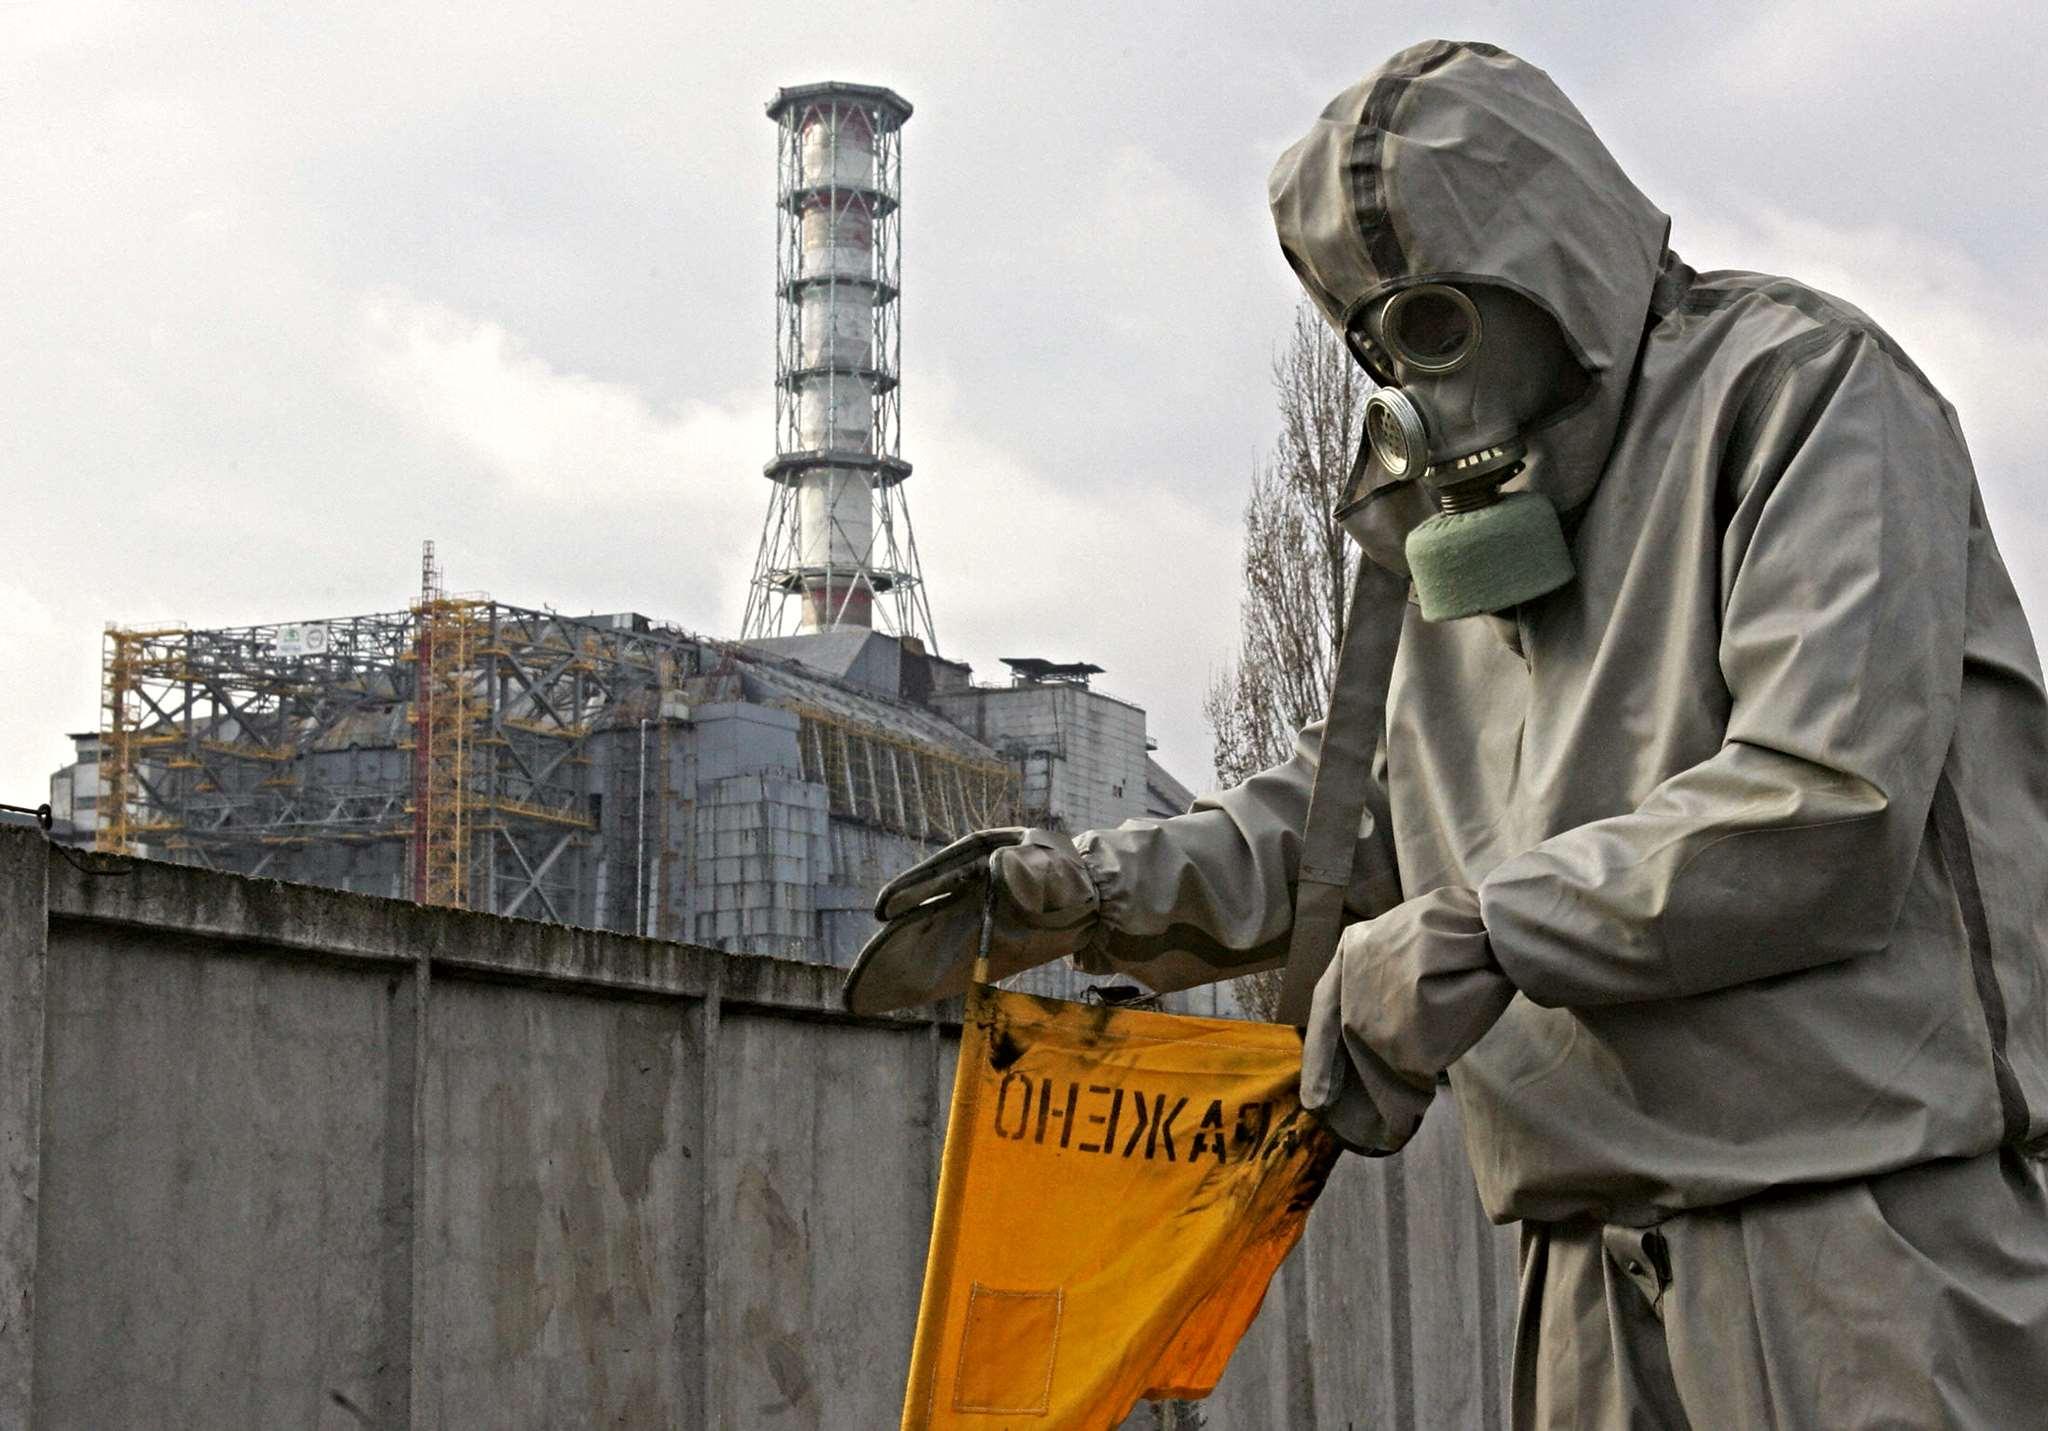 Ουκρανία: Ημέρα μνήμης της καταστροφής του Τσερνόμπιλ, 35 χρόνια μετά    Green News